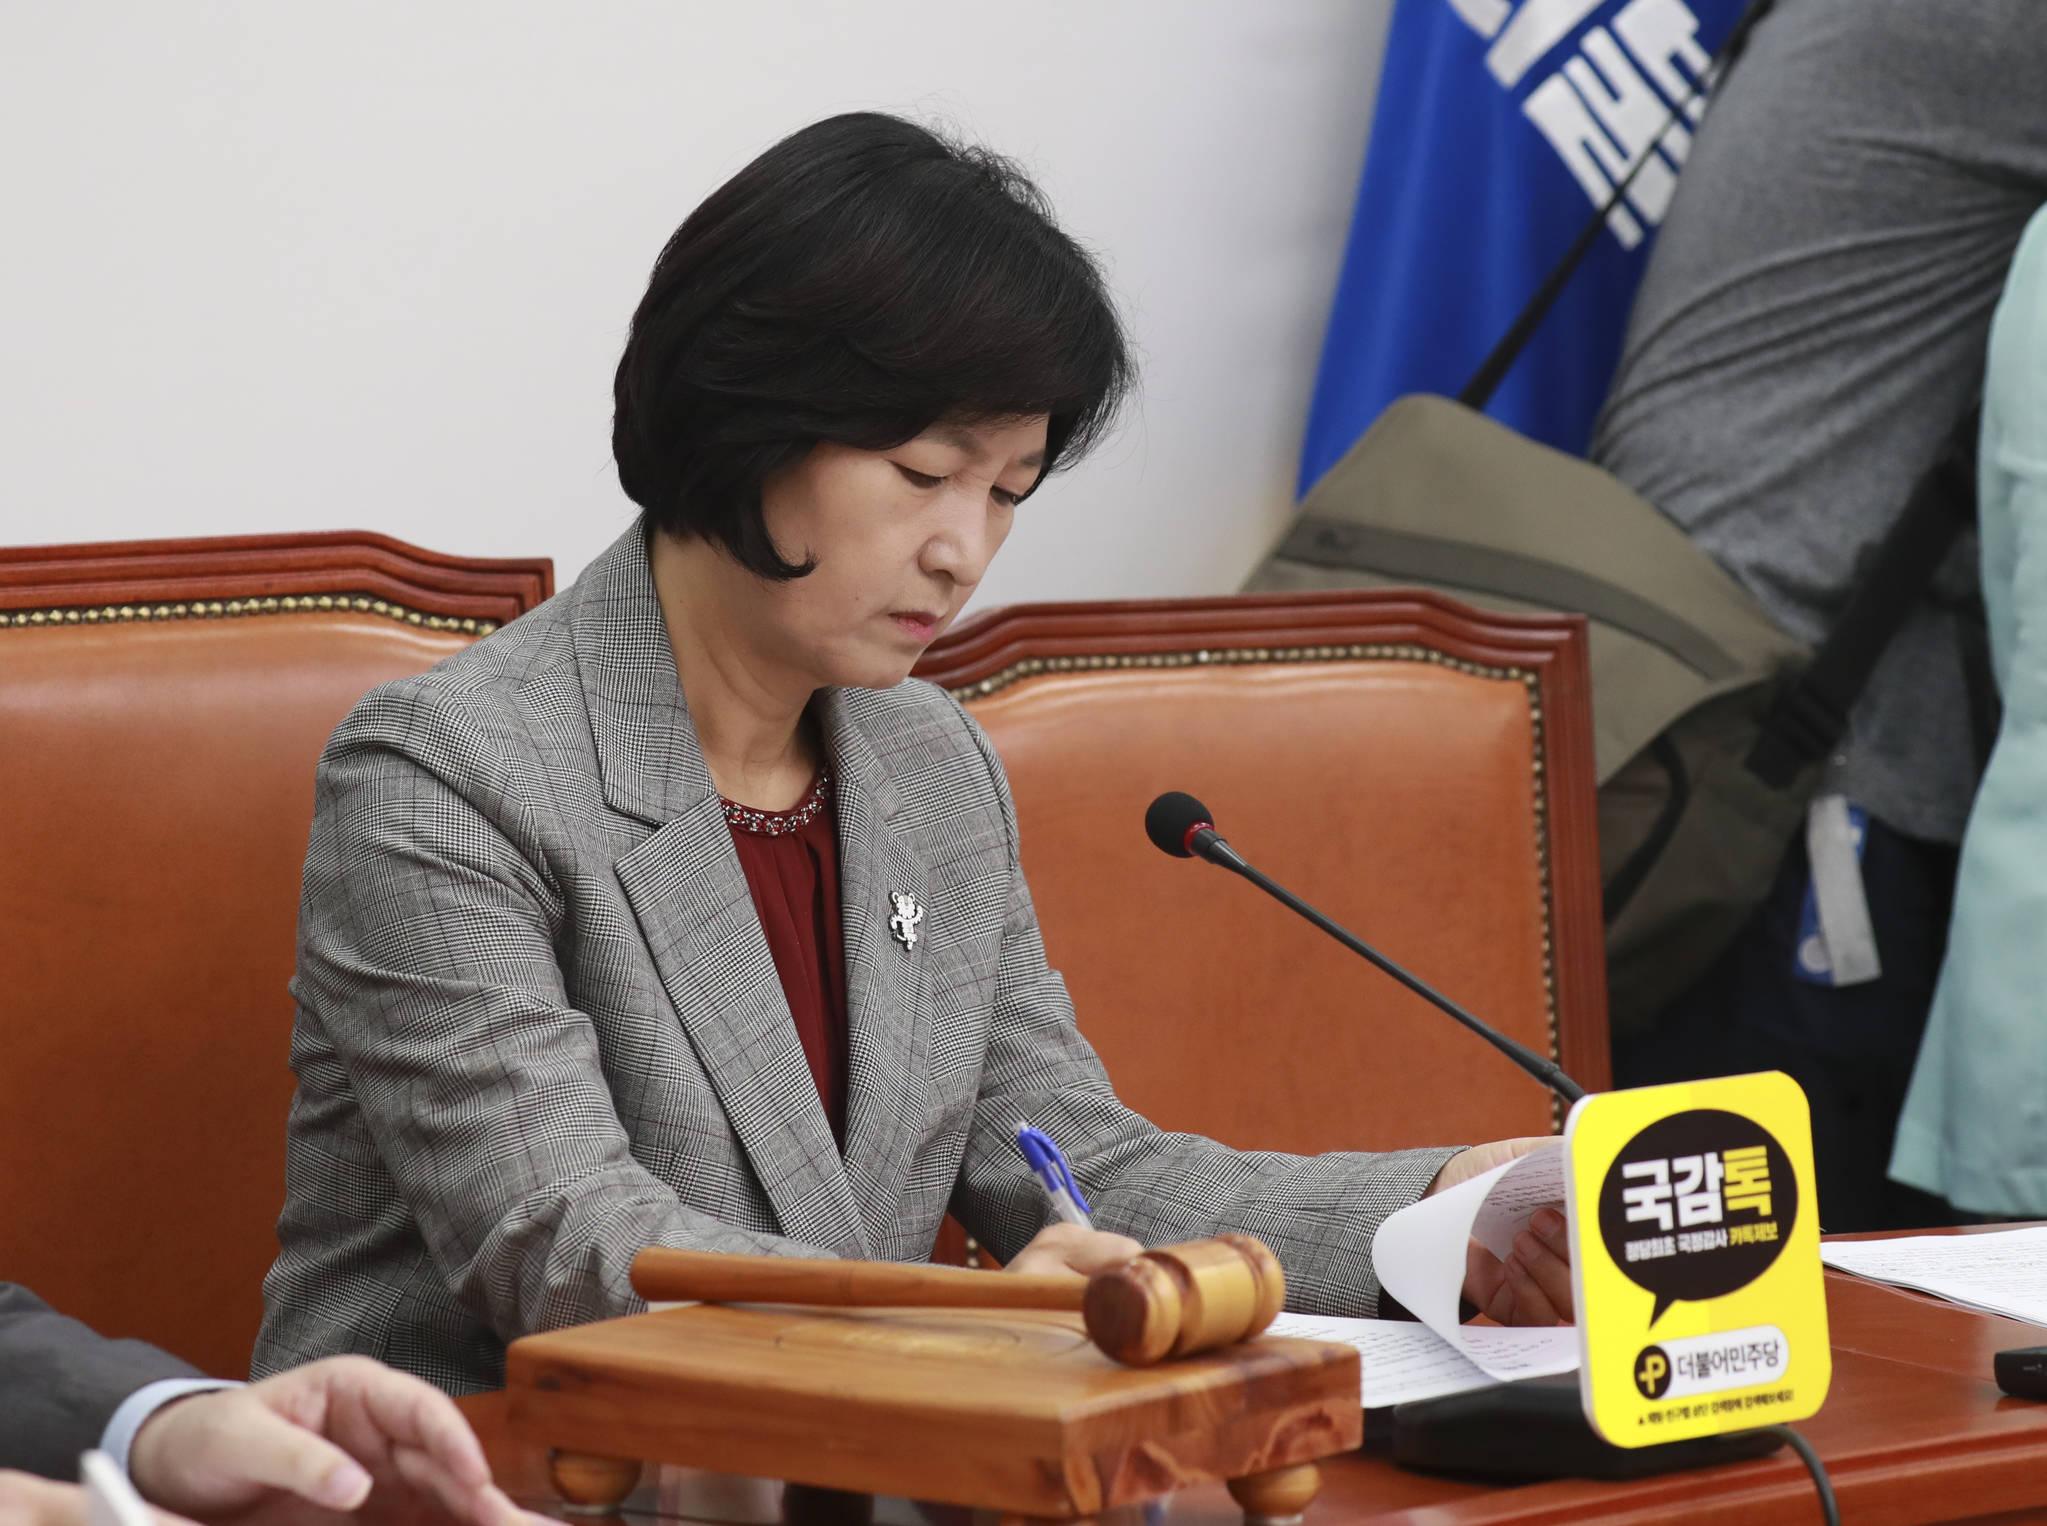 취재진 보다 먼저 회의실에 들어온 추미애 대표가 13일 국회 최고위원회의에서 회의 자료를 살펴보고 있다. 임현동 기자